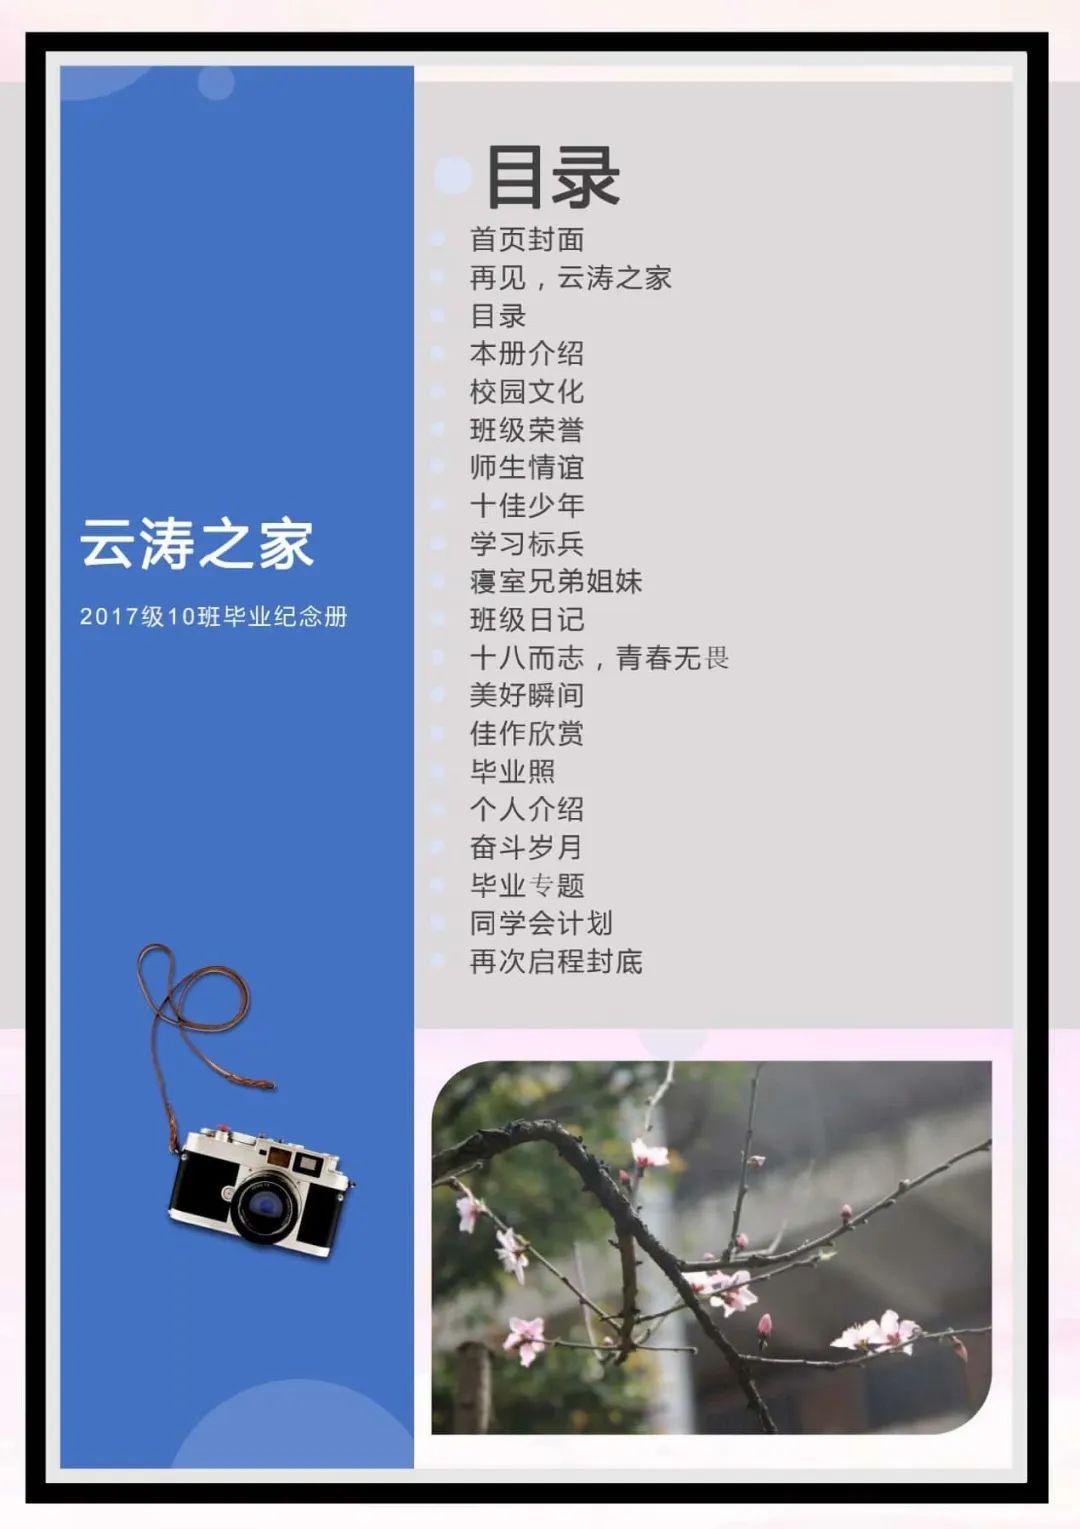 再见,云涛之家—叙永三中17级10班毕业纪念 叙永三中 第4张